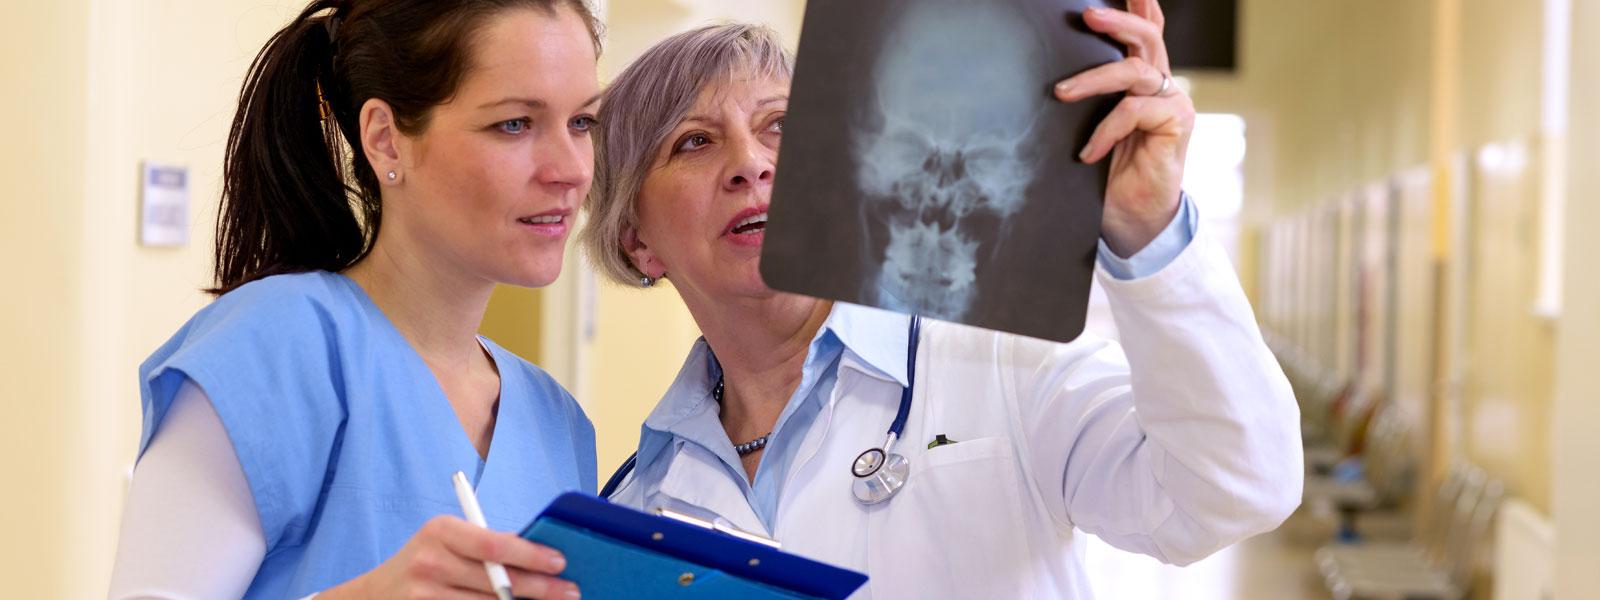 fabio-antonaci-centro-cefalee-neurologia-mal-di-testa-dolore-cronico-21